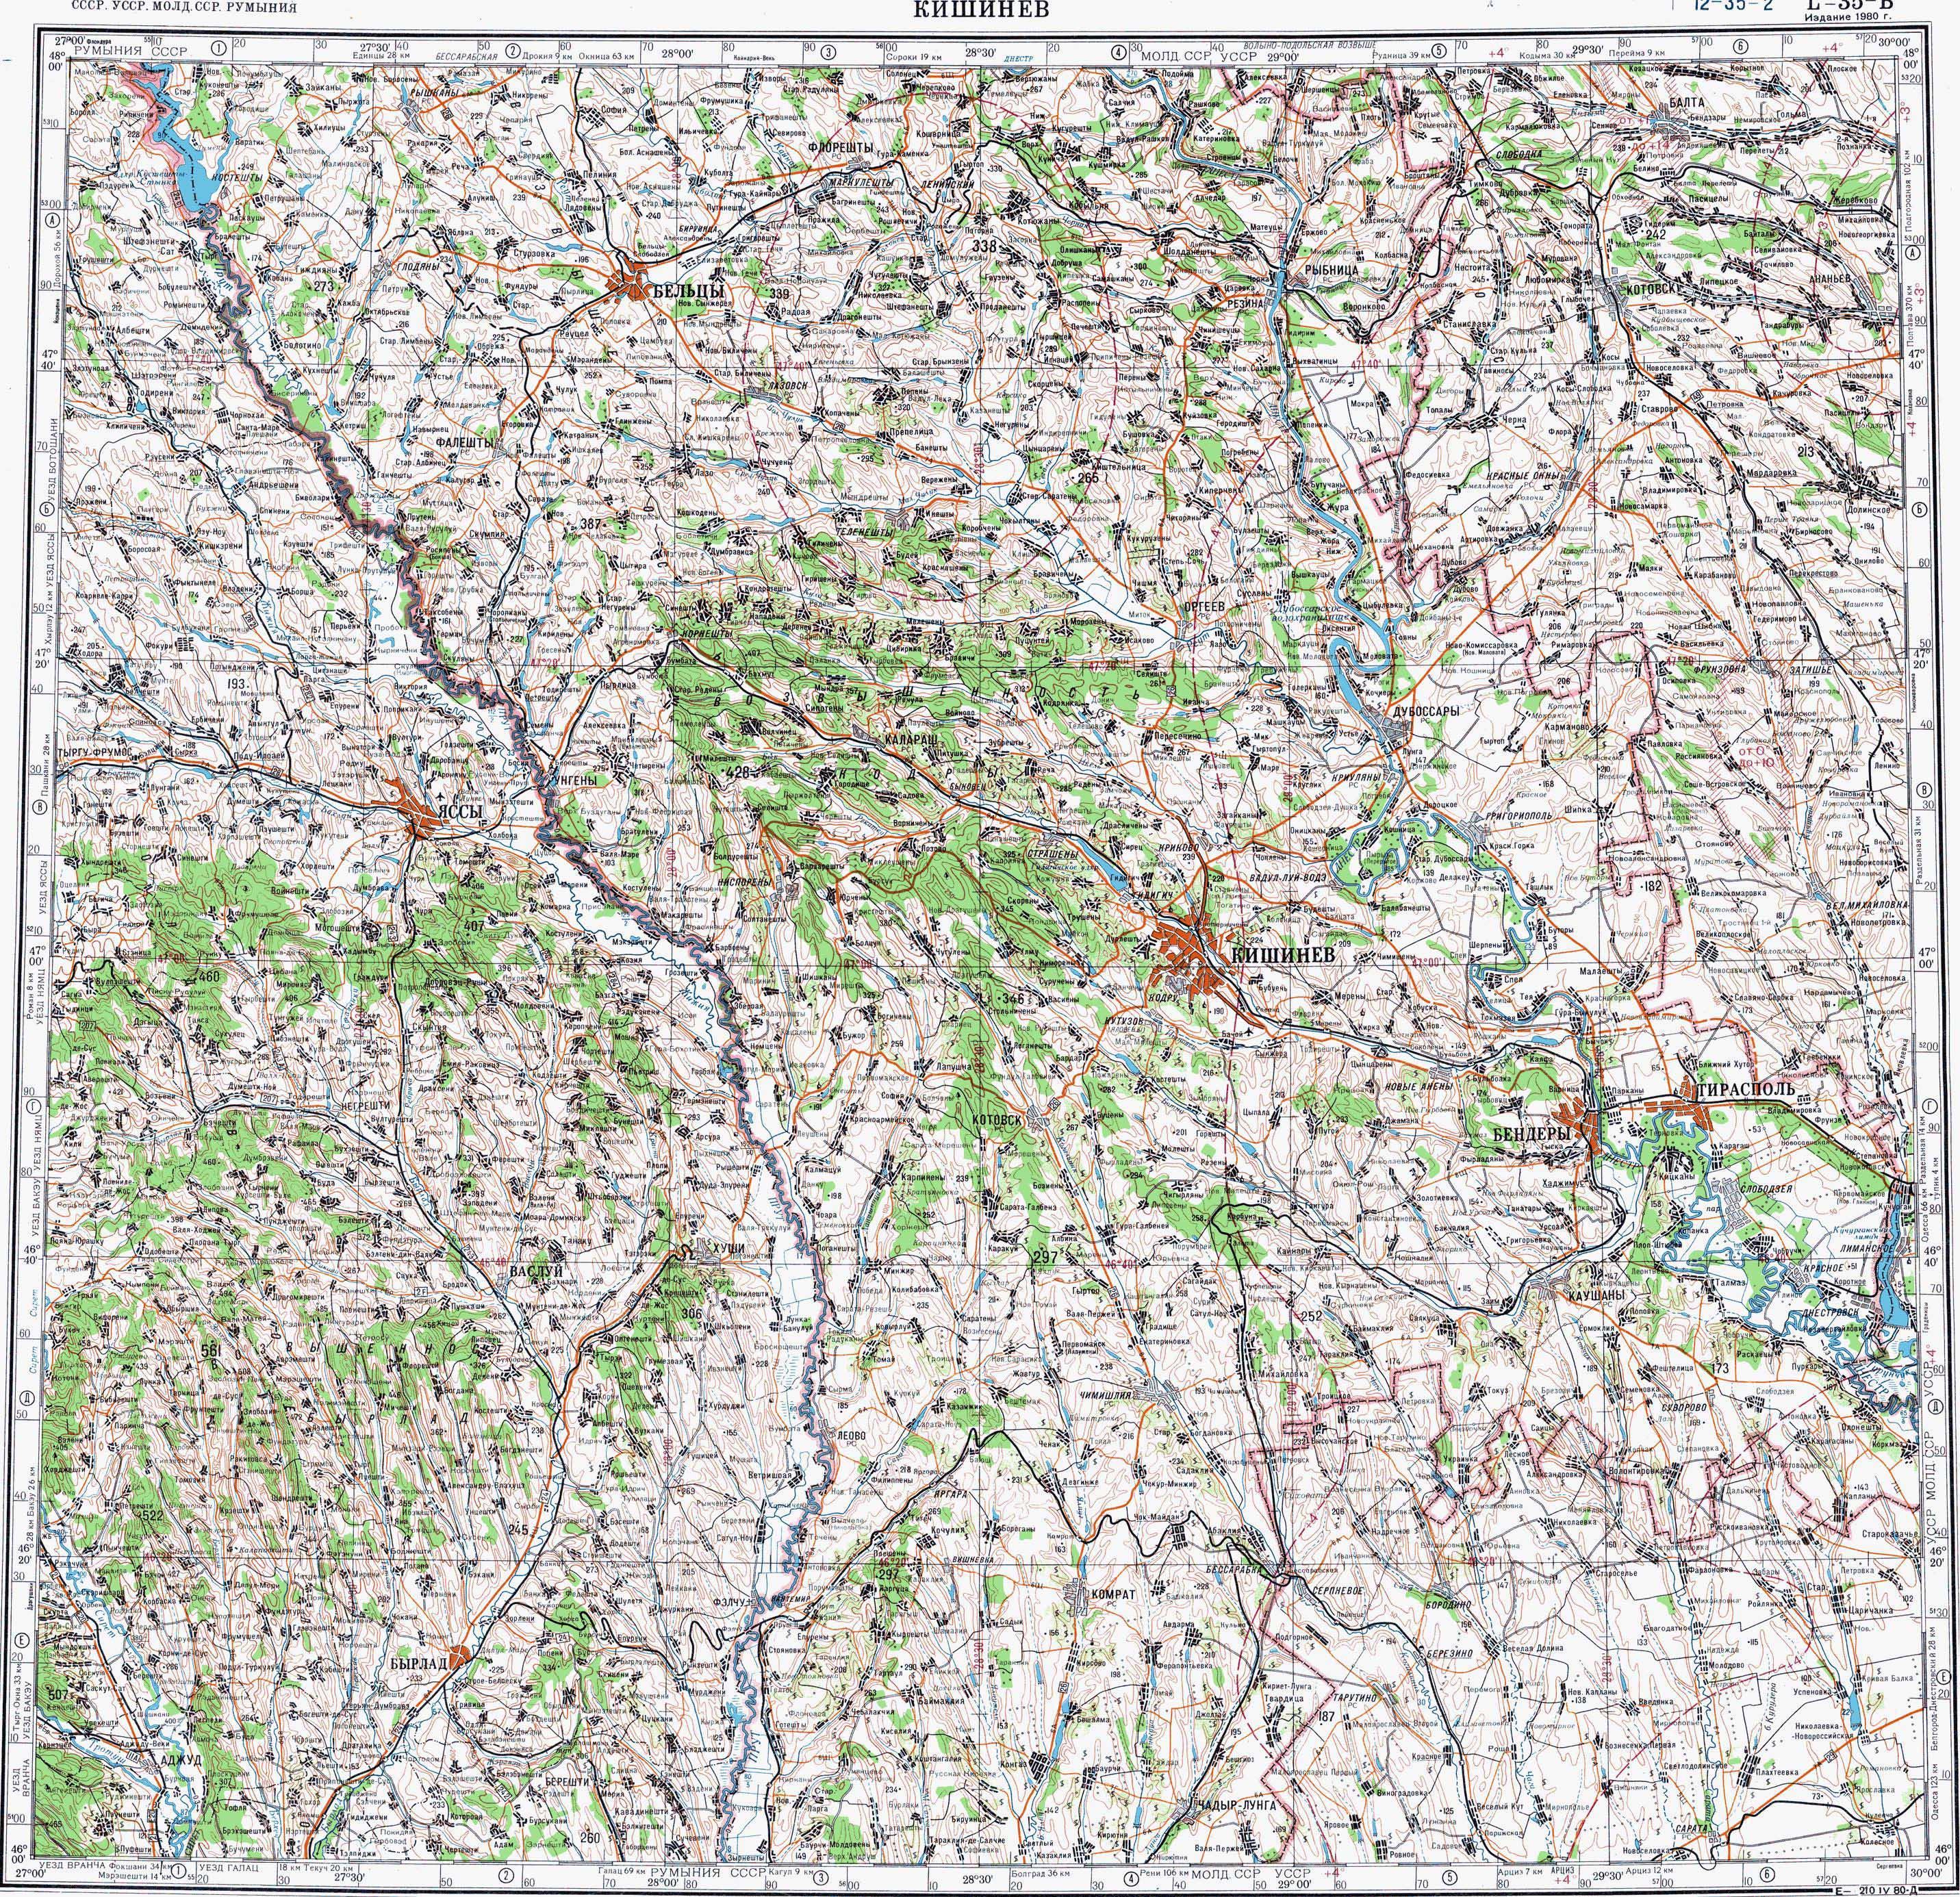 скачать карту для навигатора украины